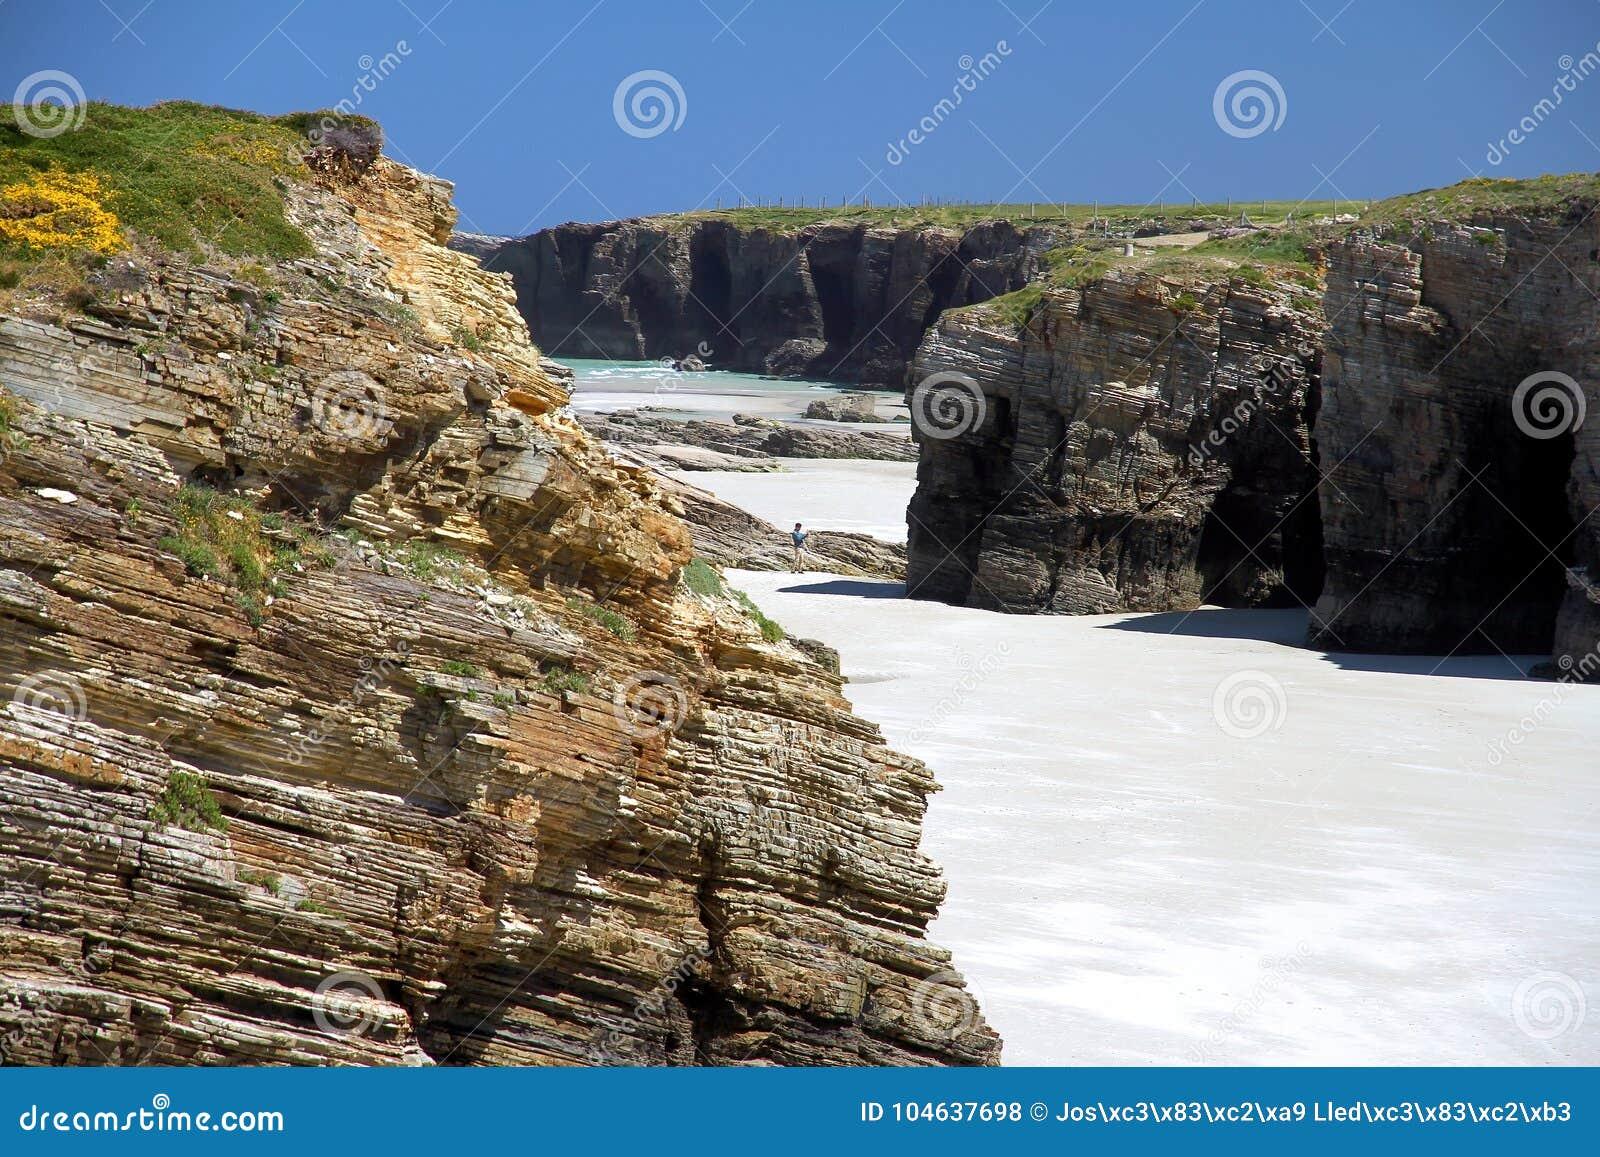 Download Het Kathedralenstrand In Eb Met Rotsen Erosioned Door De Actie Van Het Overzees Redactionele Stock Foto - Afbeelding bestaande uit zand, steen: 104637698